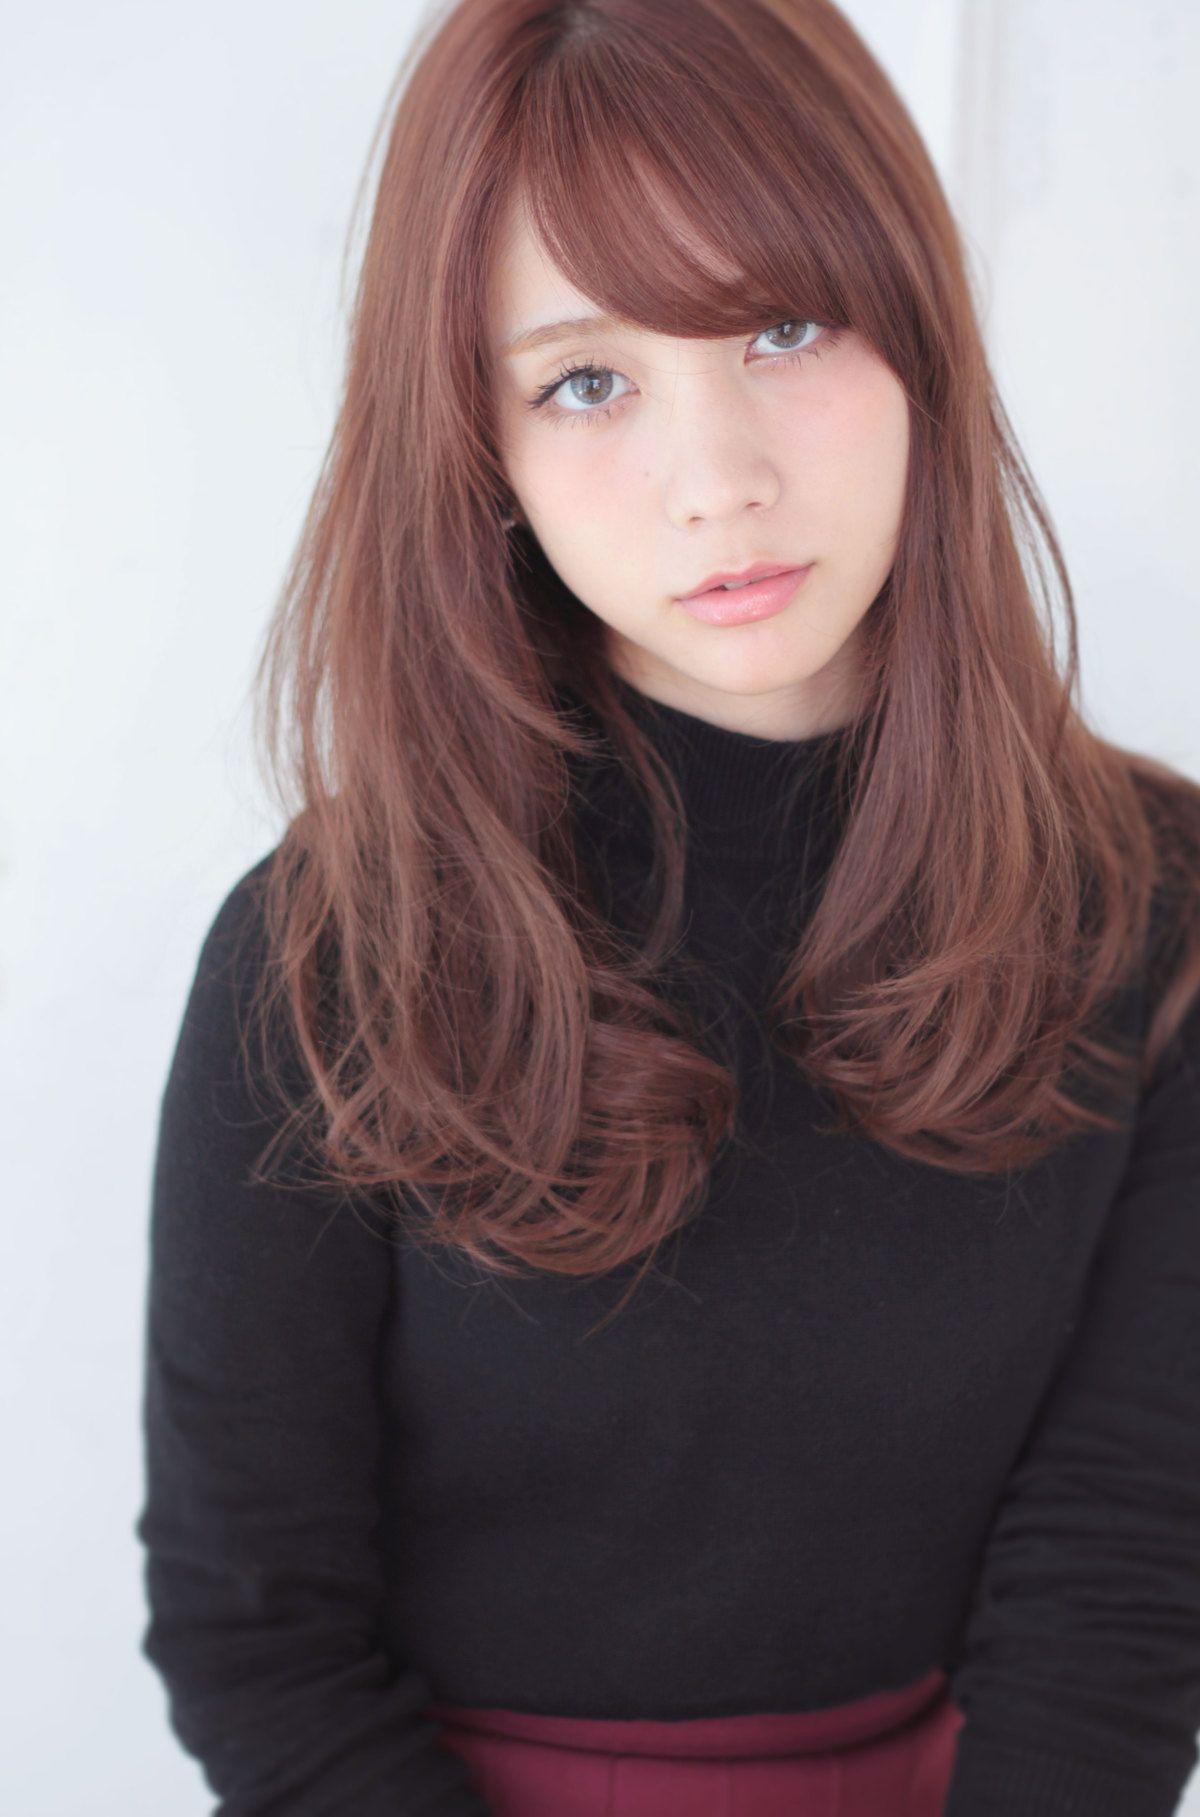 深みのあるメルティーカラーでツヤ髪☆|Maria by afloatの ...